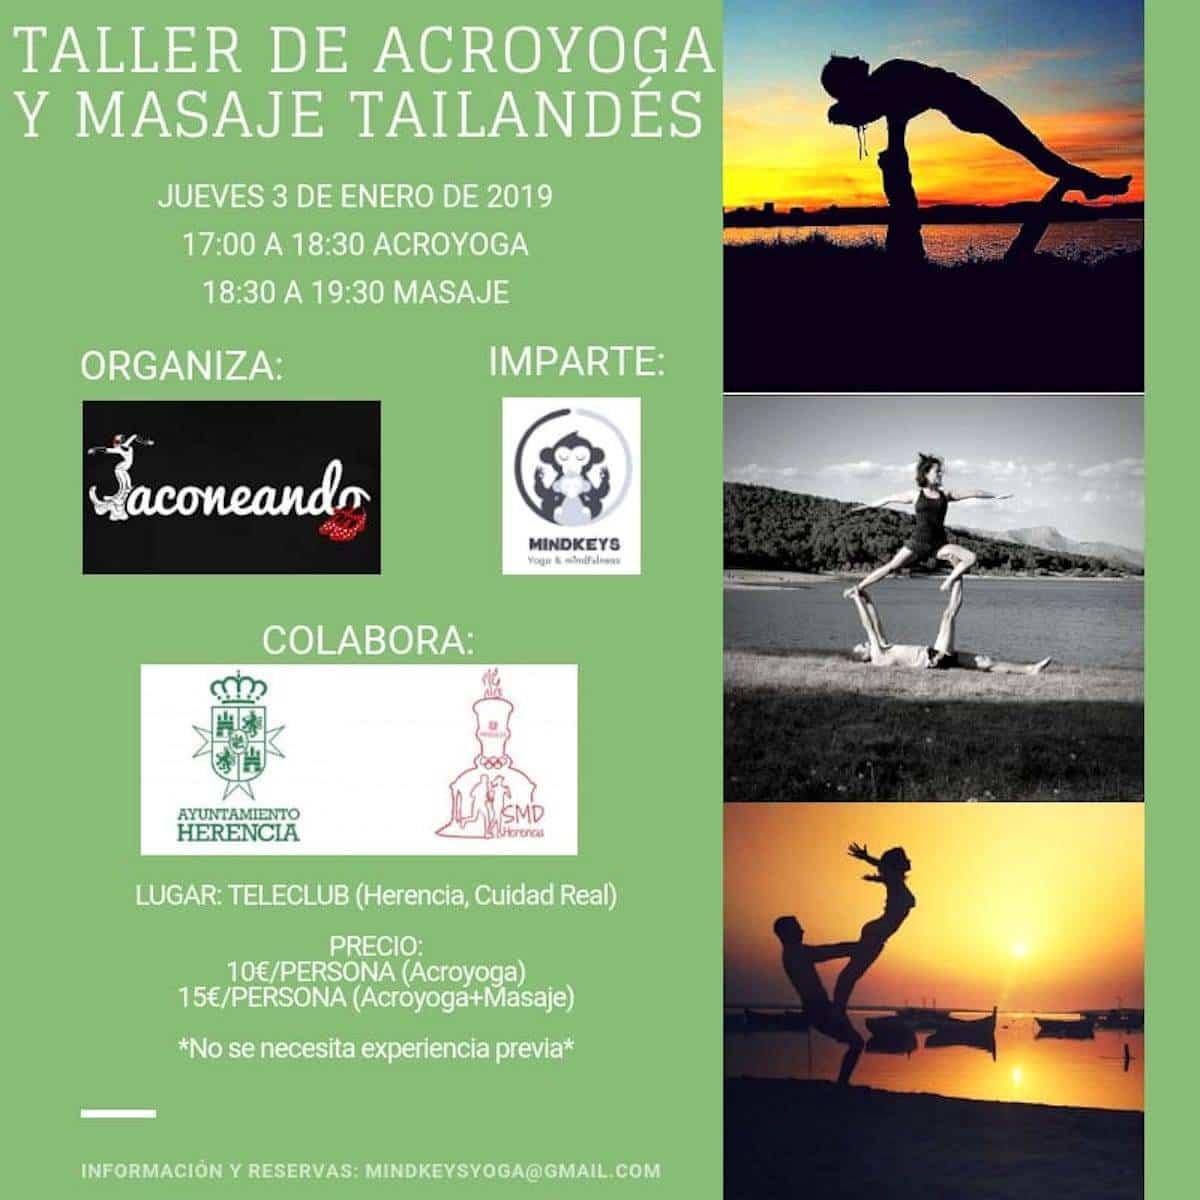 taller acroyoga masaje tailandes - Taller de acroyoga y masaje tailandés en Herencia